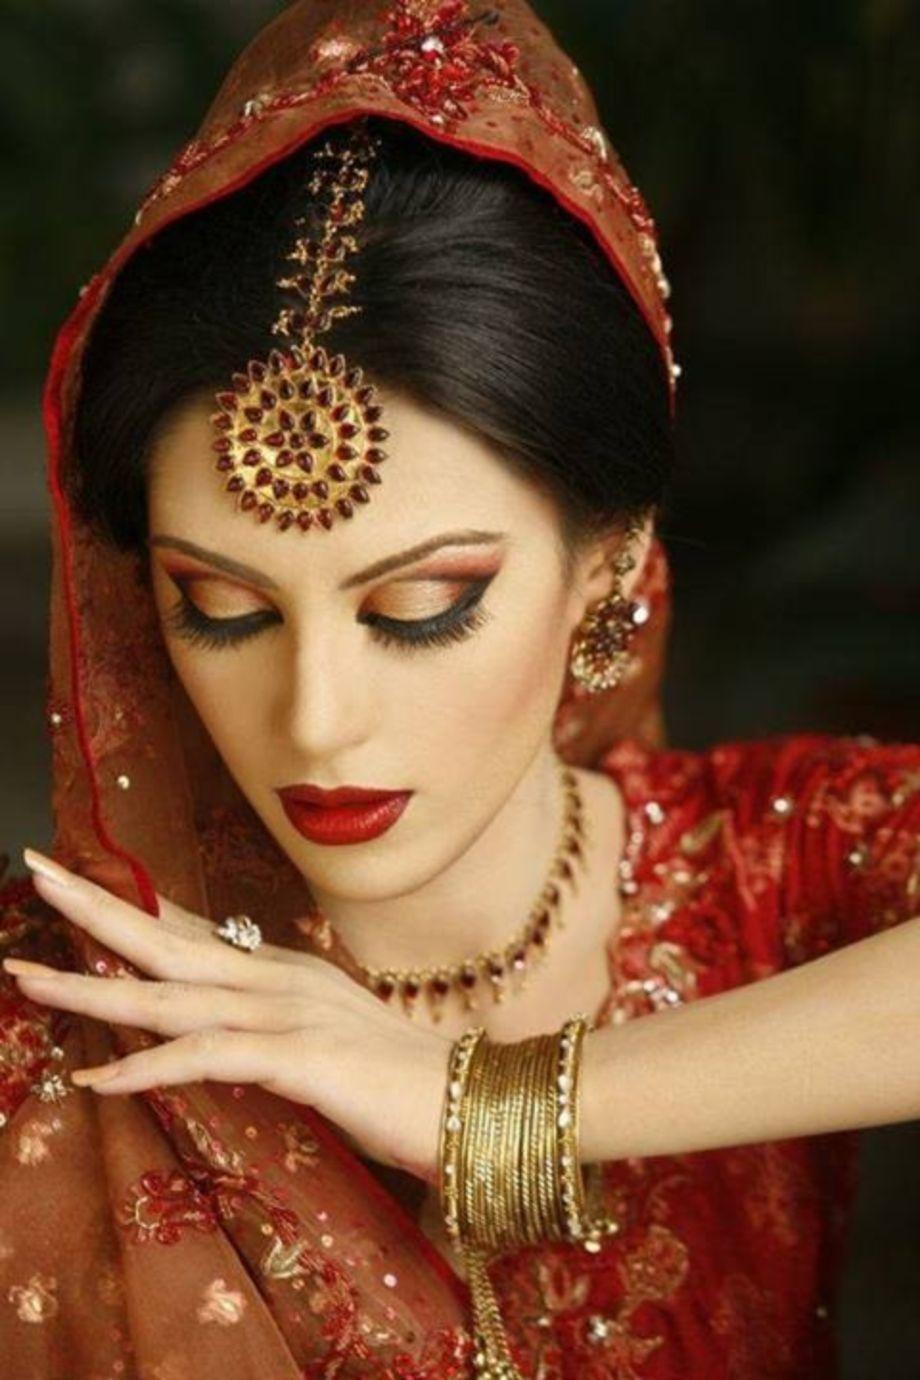 70 Beautiful Ideas For Asian Bridal Makeup Looks Vis Wed Asian Bridal Makeup Asian Bridal Indian Bridal Makeup